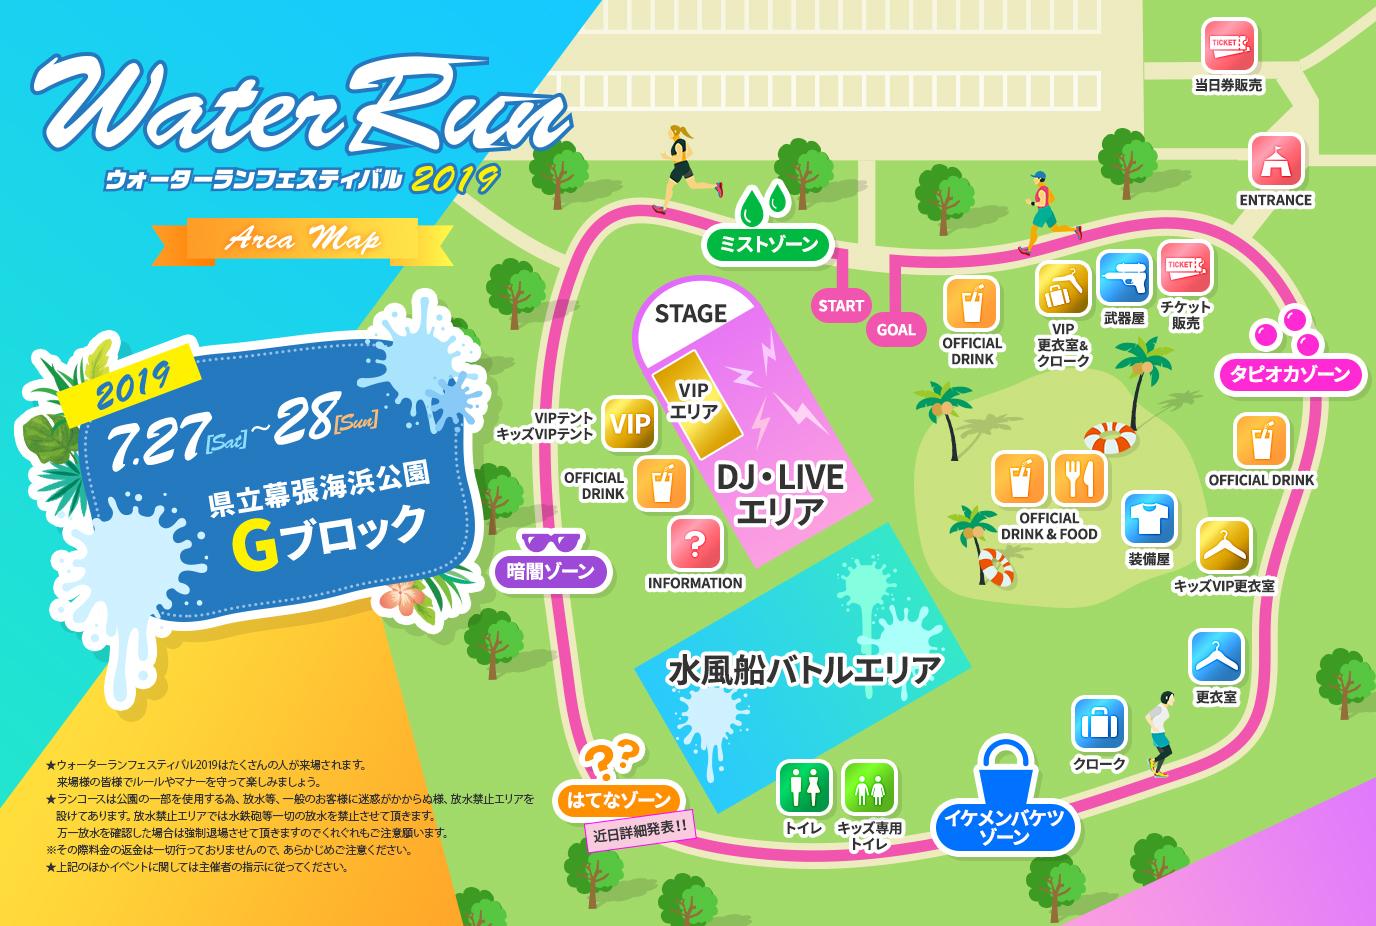 ウォーターラン2019のタイムテーブル - 水掛け×マラソン×音楽エンタメフェス「Water Run Festival 2019」